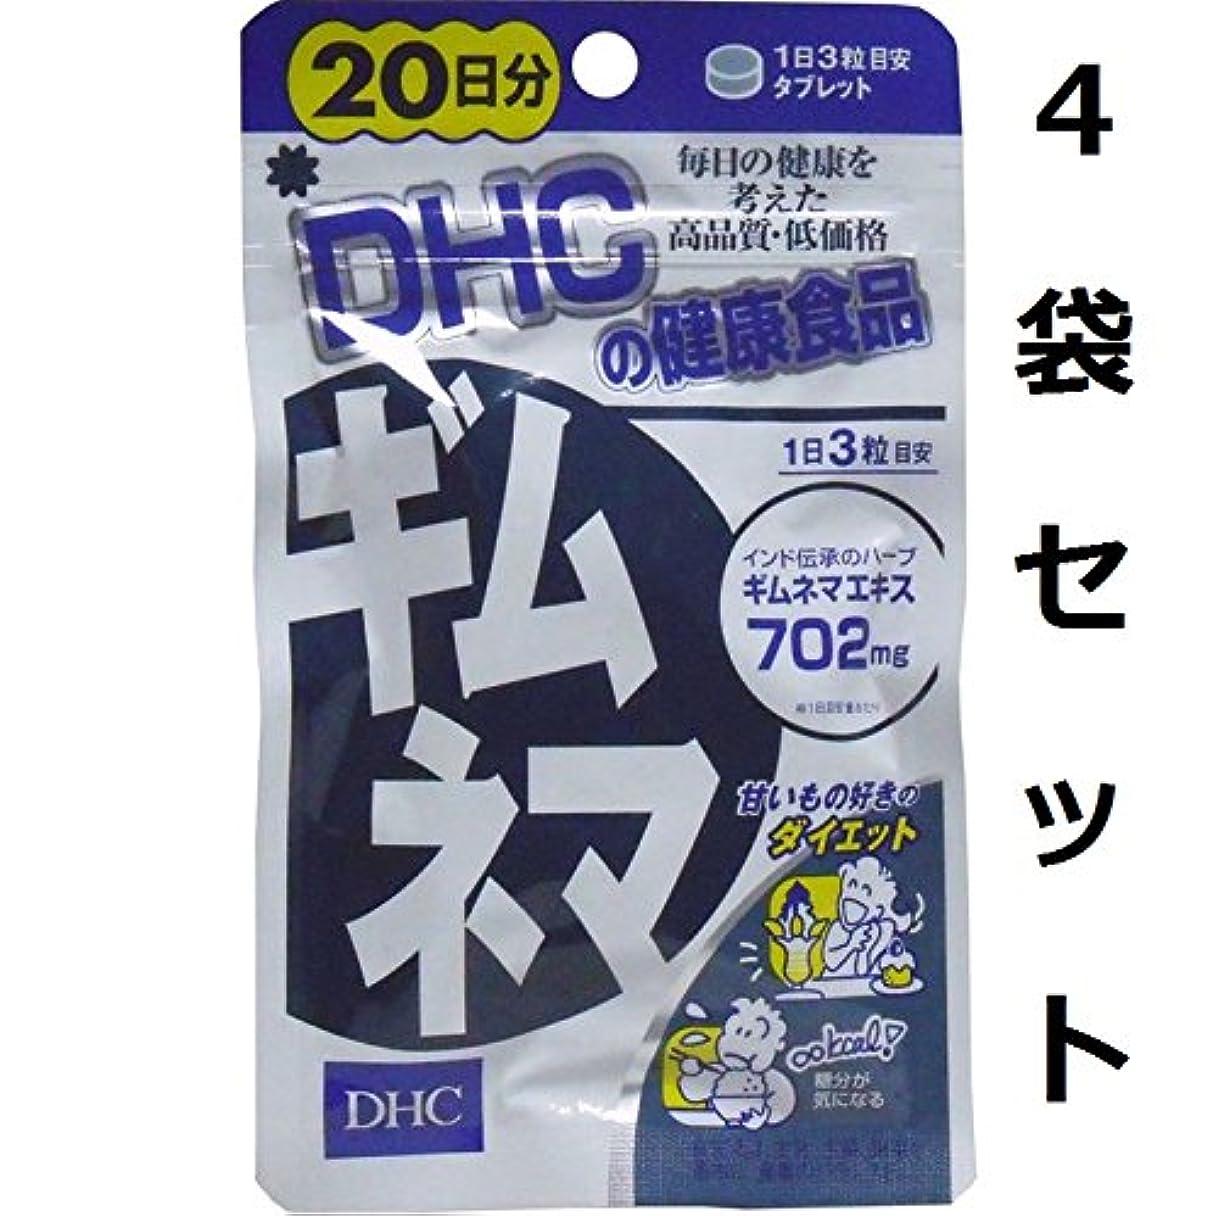 いたずらな視力熟読する余分な糖分をブロック DHC ギムネマ 20日分 60粒 4袋セット